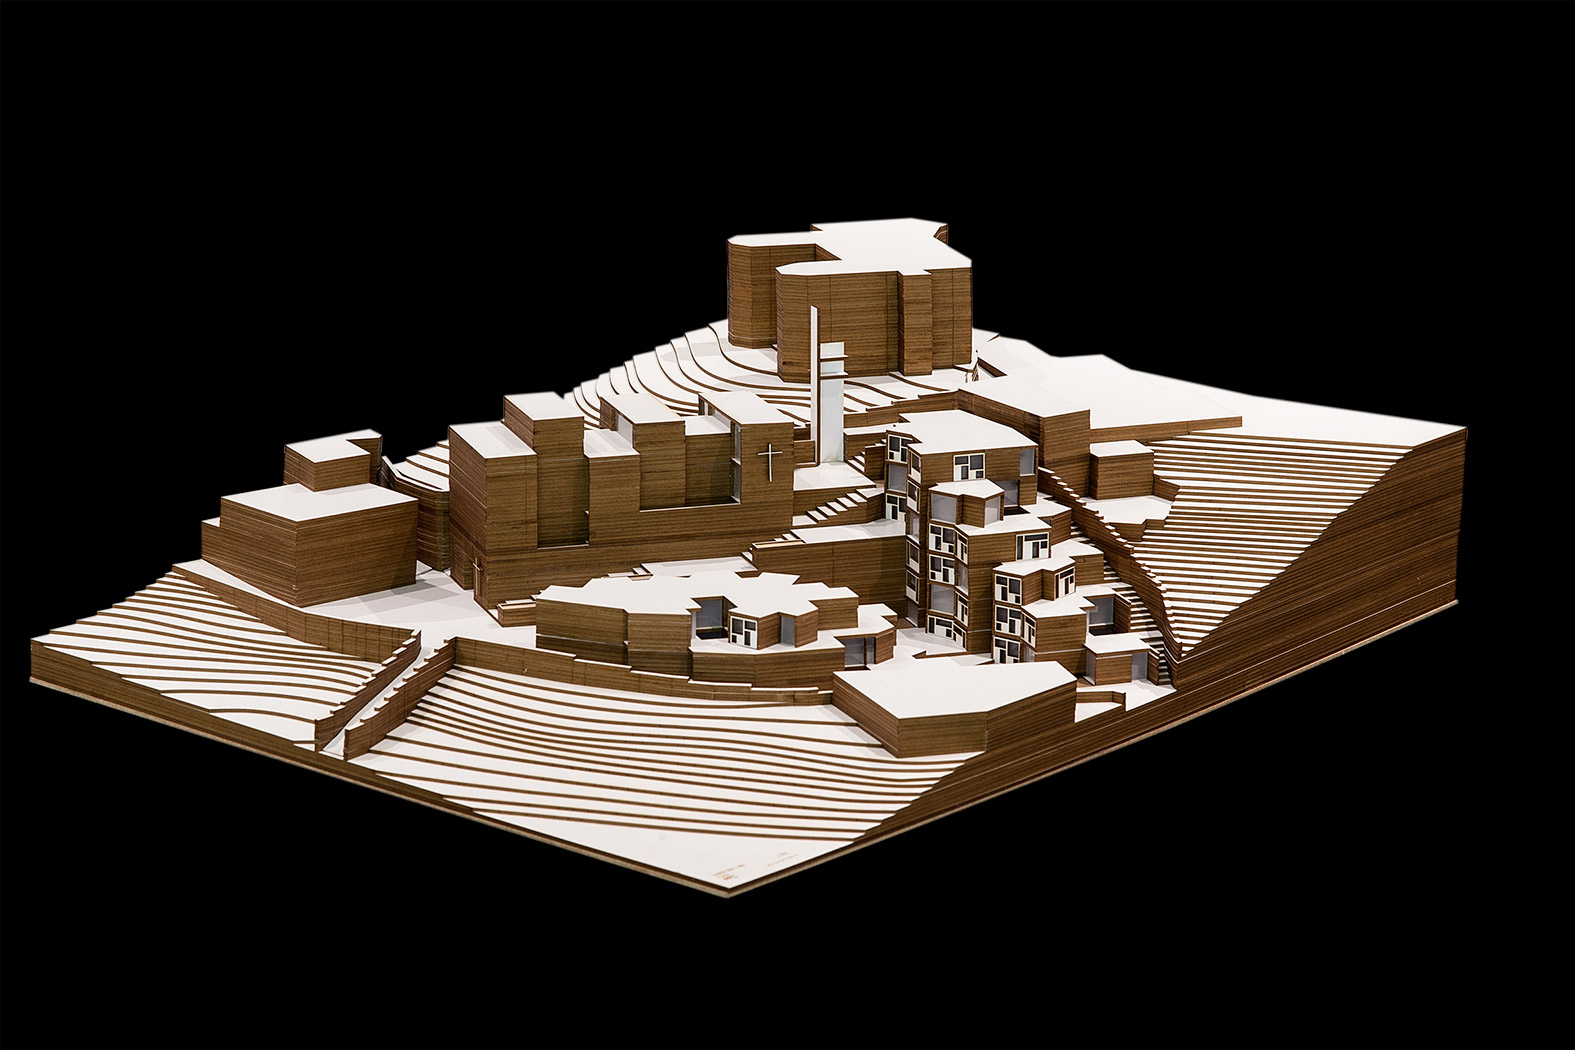 maqueta-arquitectura-pfc-tfg-CEU-iglesia-arquiayuda-(1)